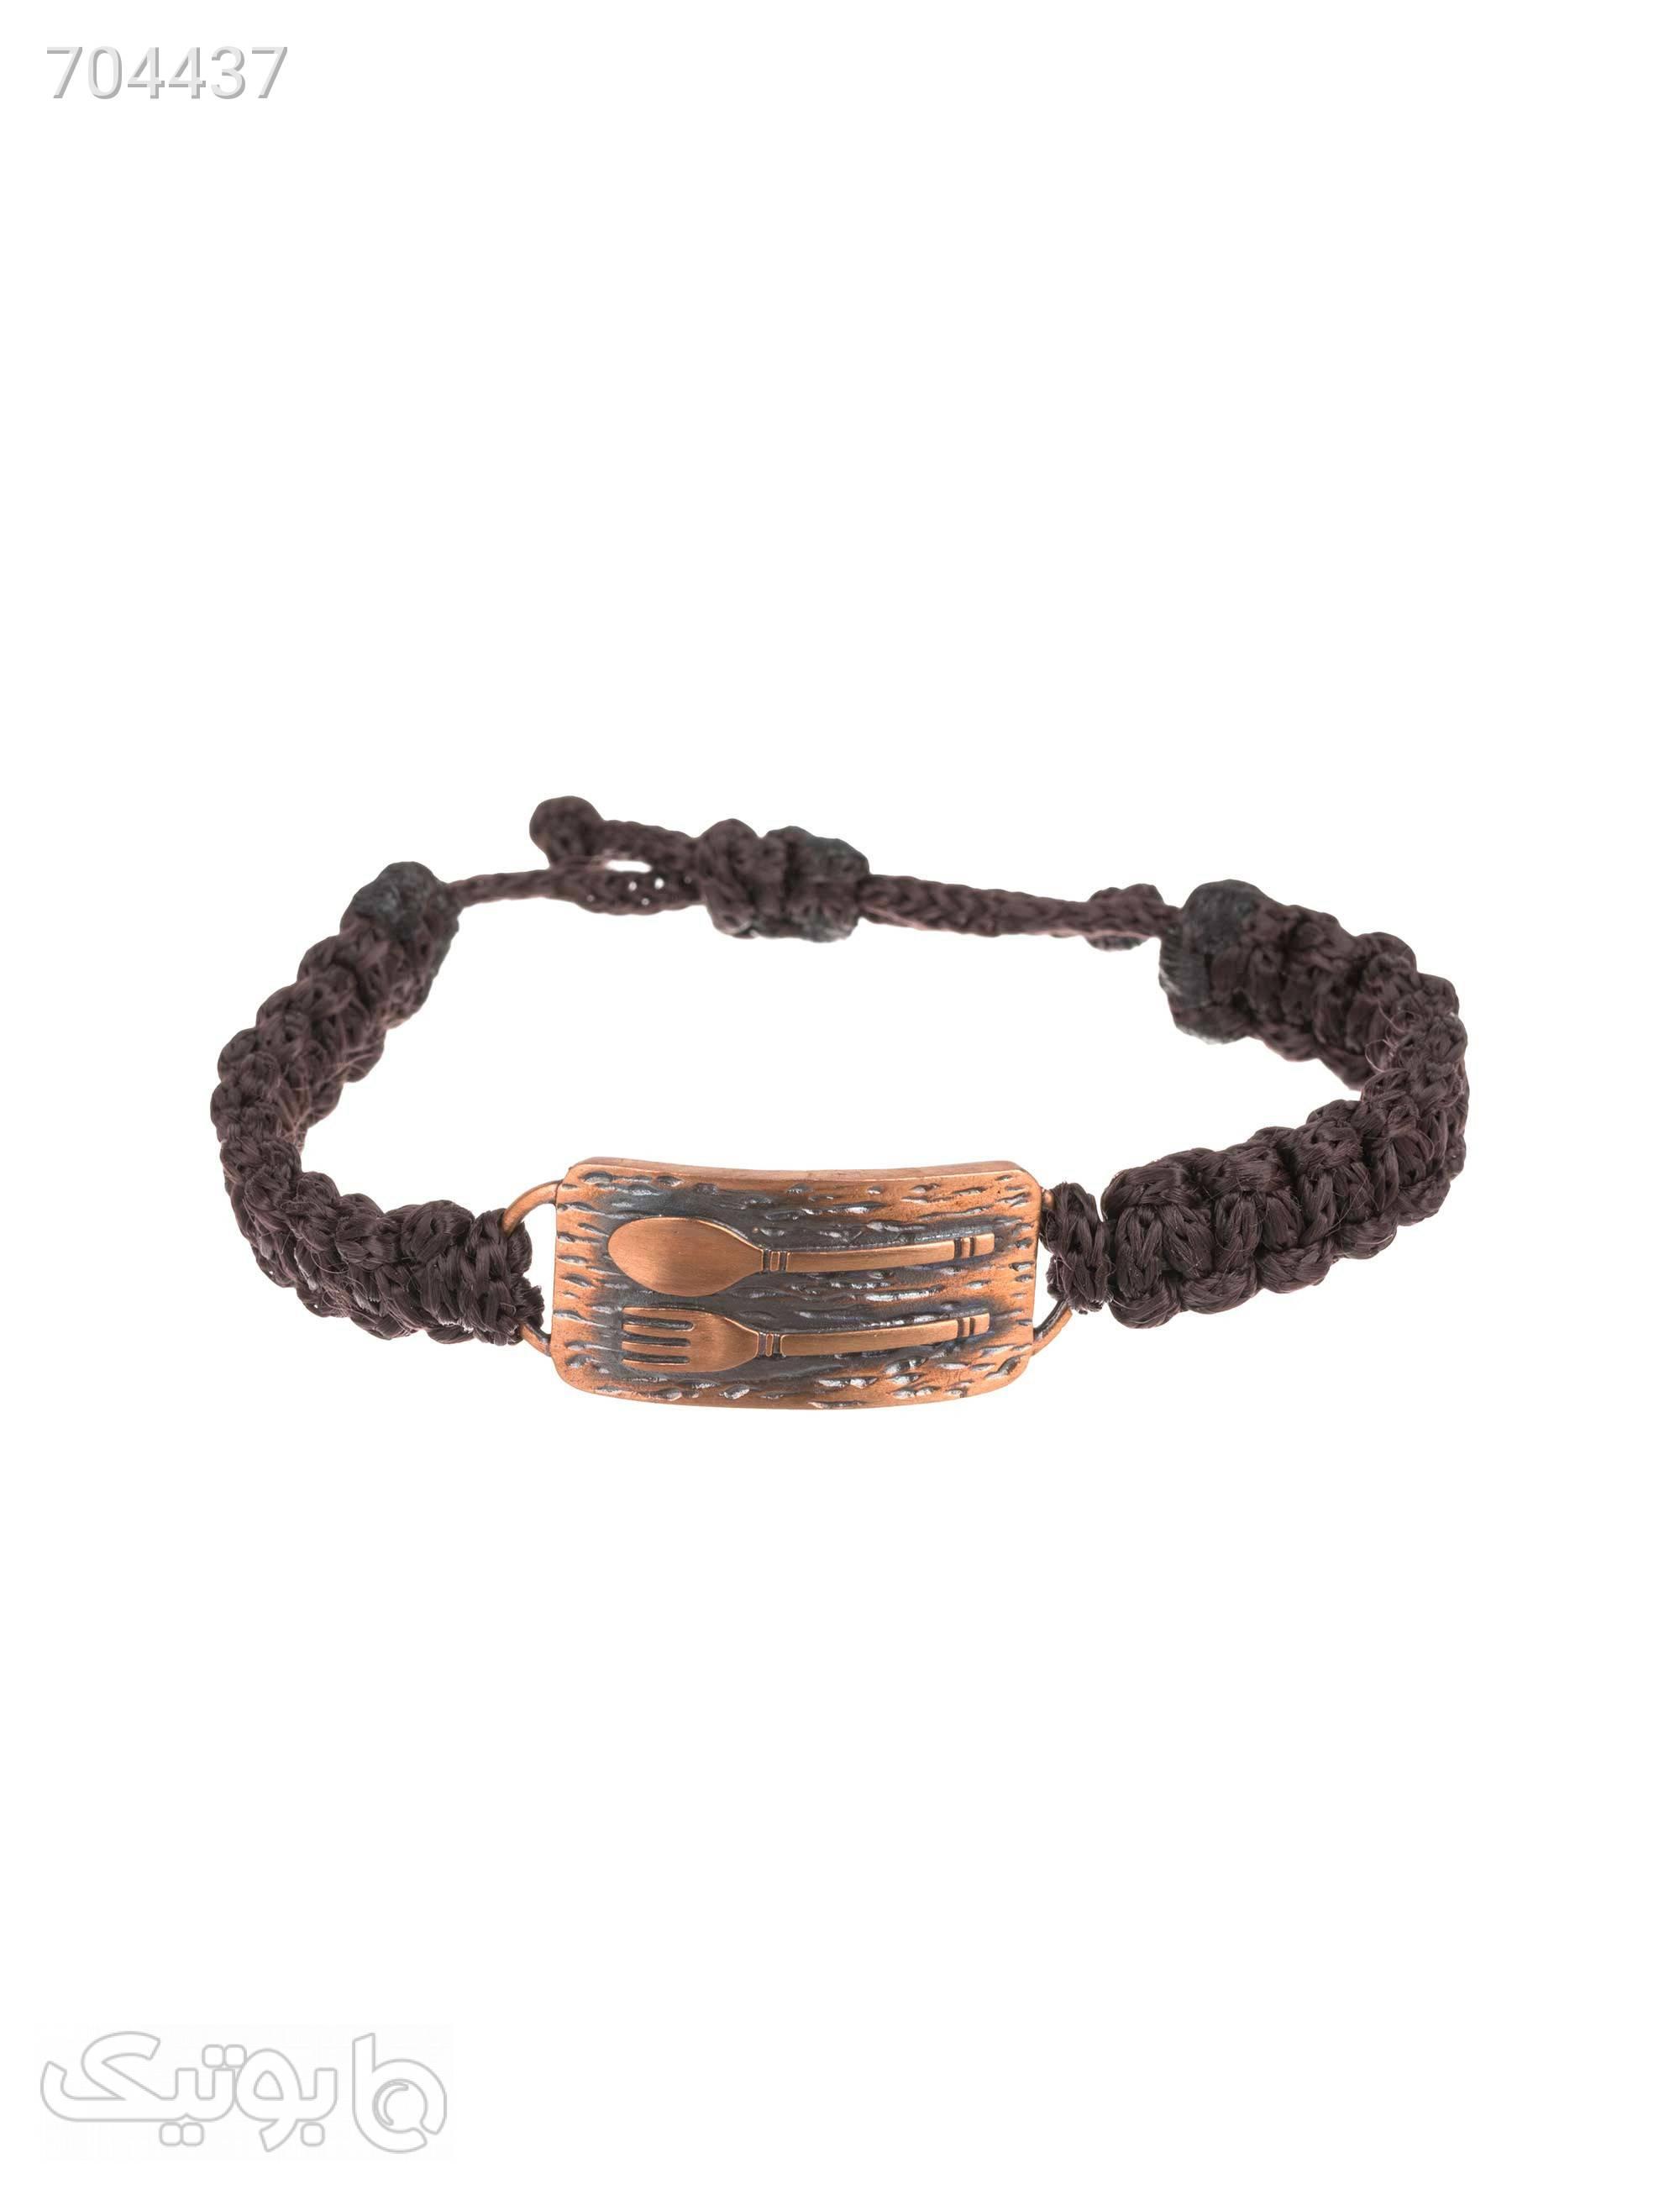 دستبند بندی زنانهزرمس تک سایز مشکی دستبند و پابند